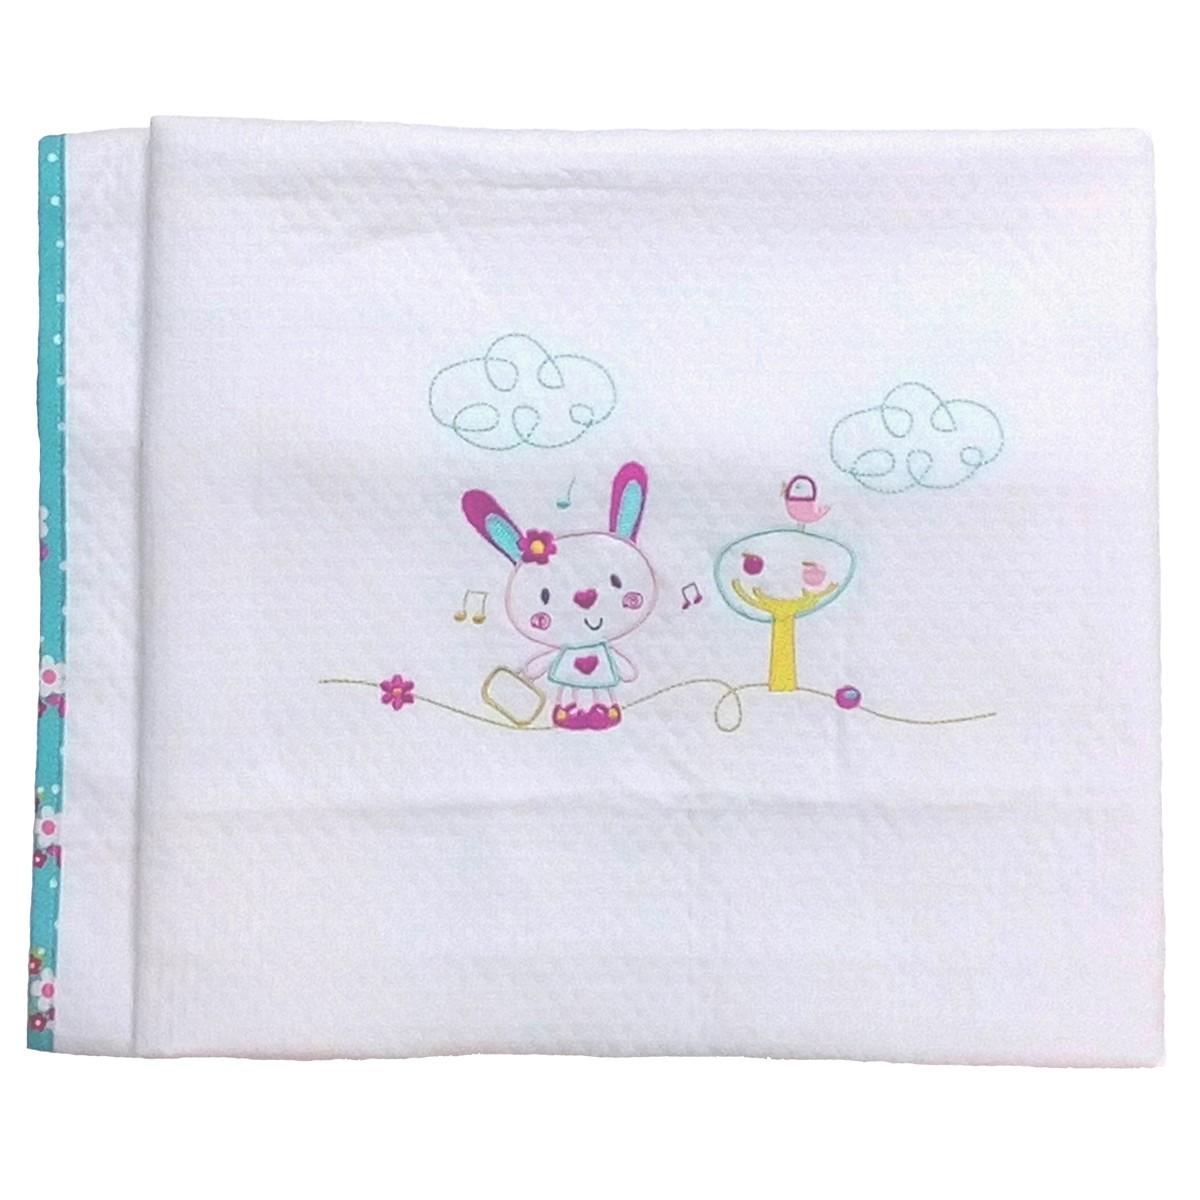 Κουβέρτα Ματλασέ Αγκαλιάς Κόσμος Του Μωρού Rabbit 0350